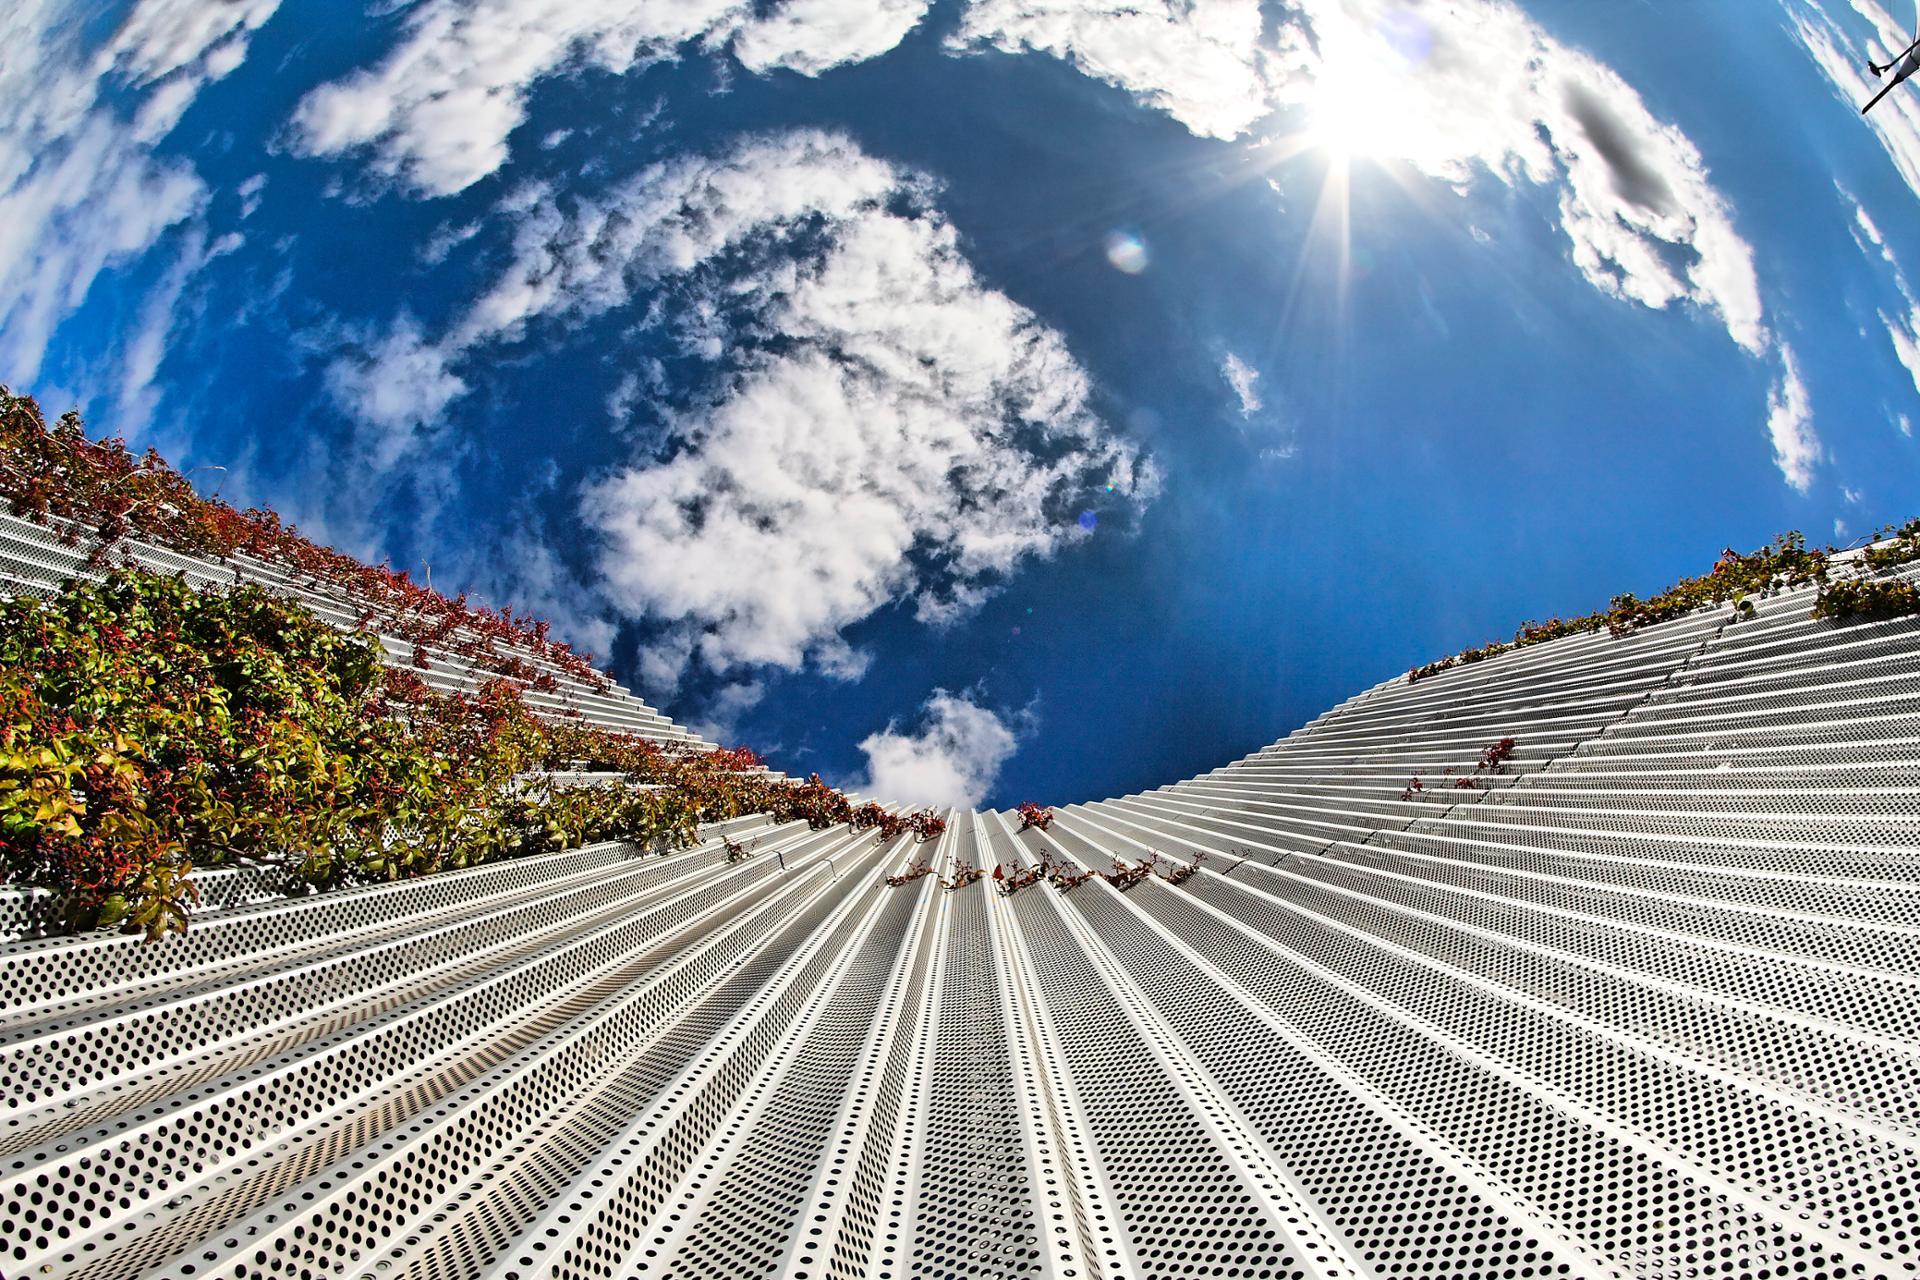 Slide in the sky